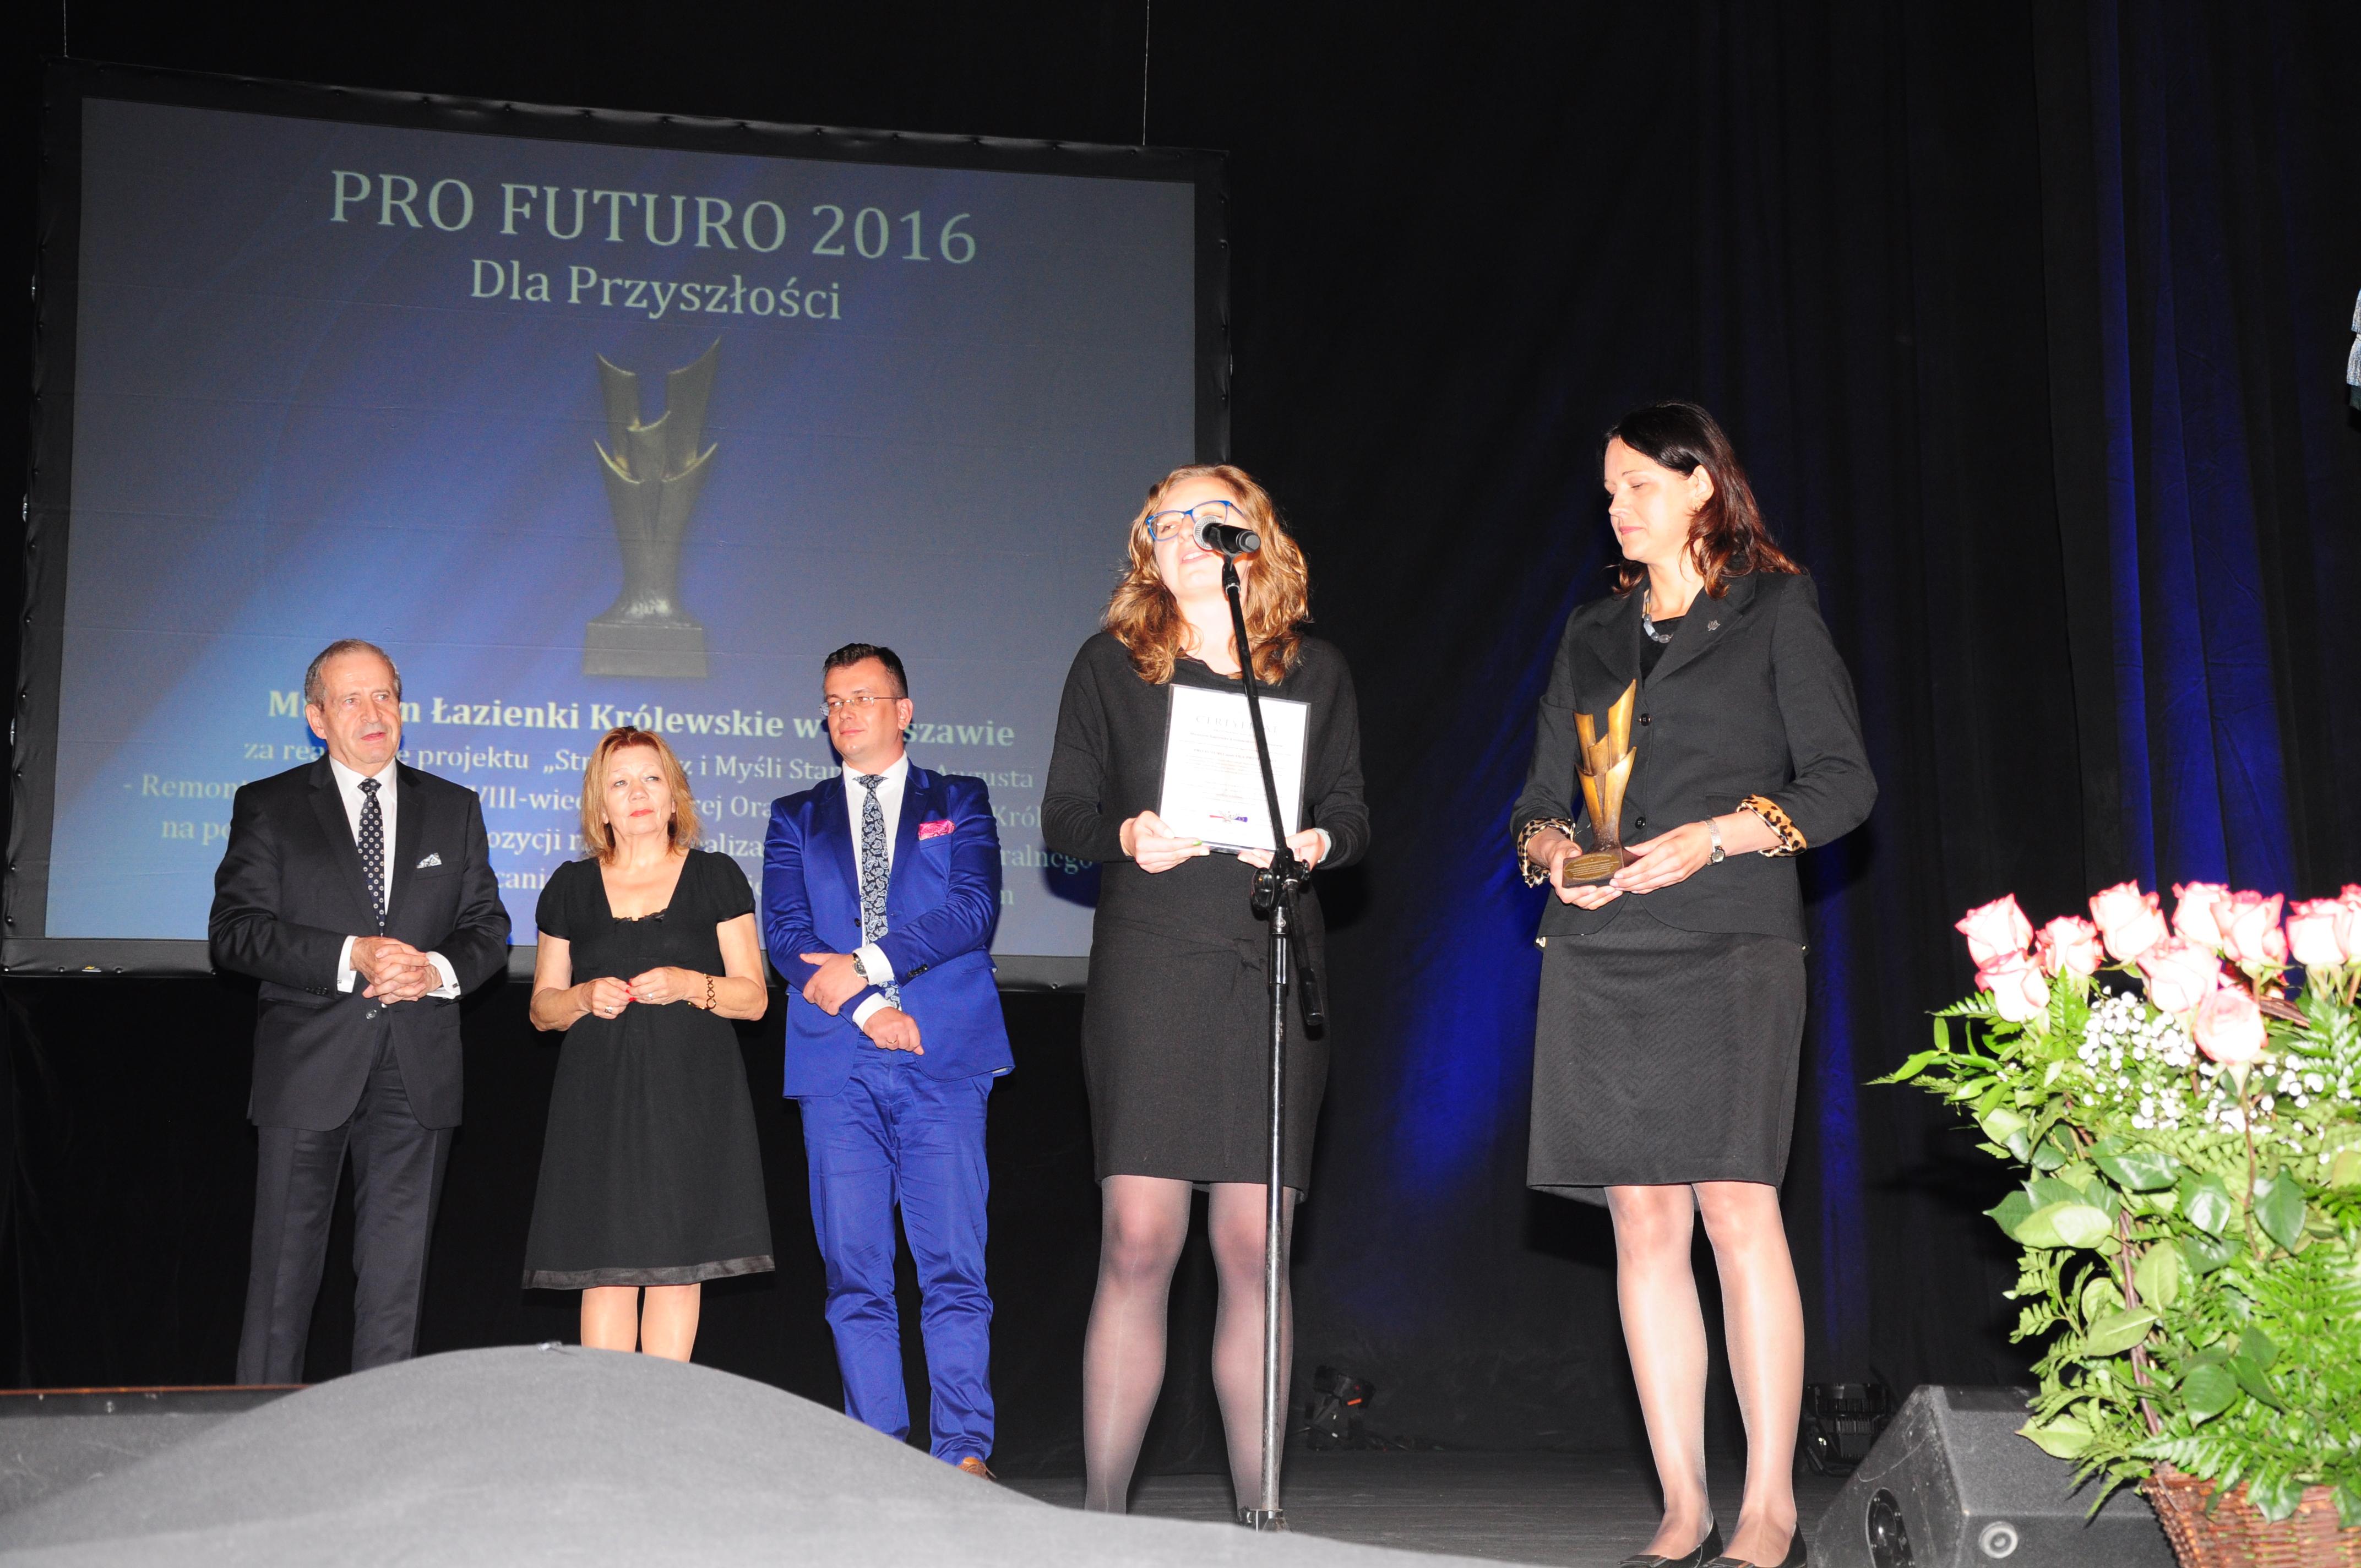 Dyrektor Elżbieta Ofat i Dyrektor Izabela Zychowicz odbierają nagrodę dla Muzeum Łazienki Królewskie